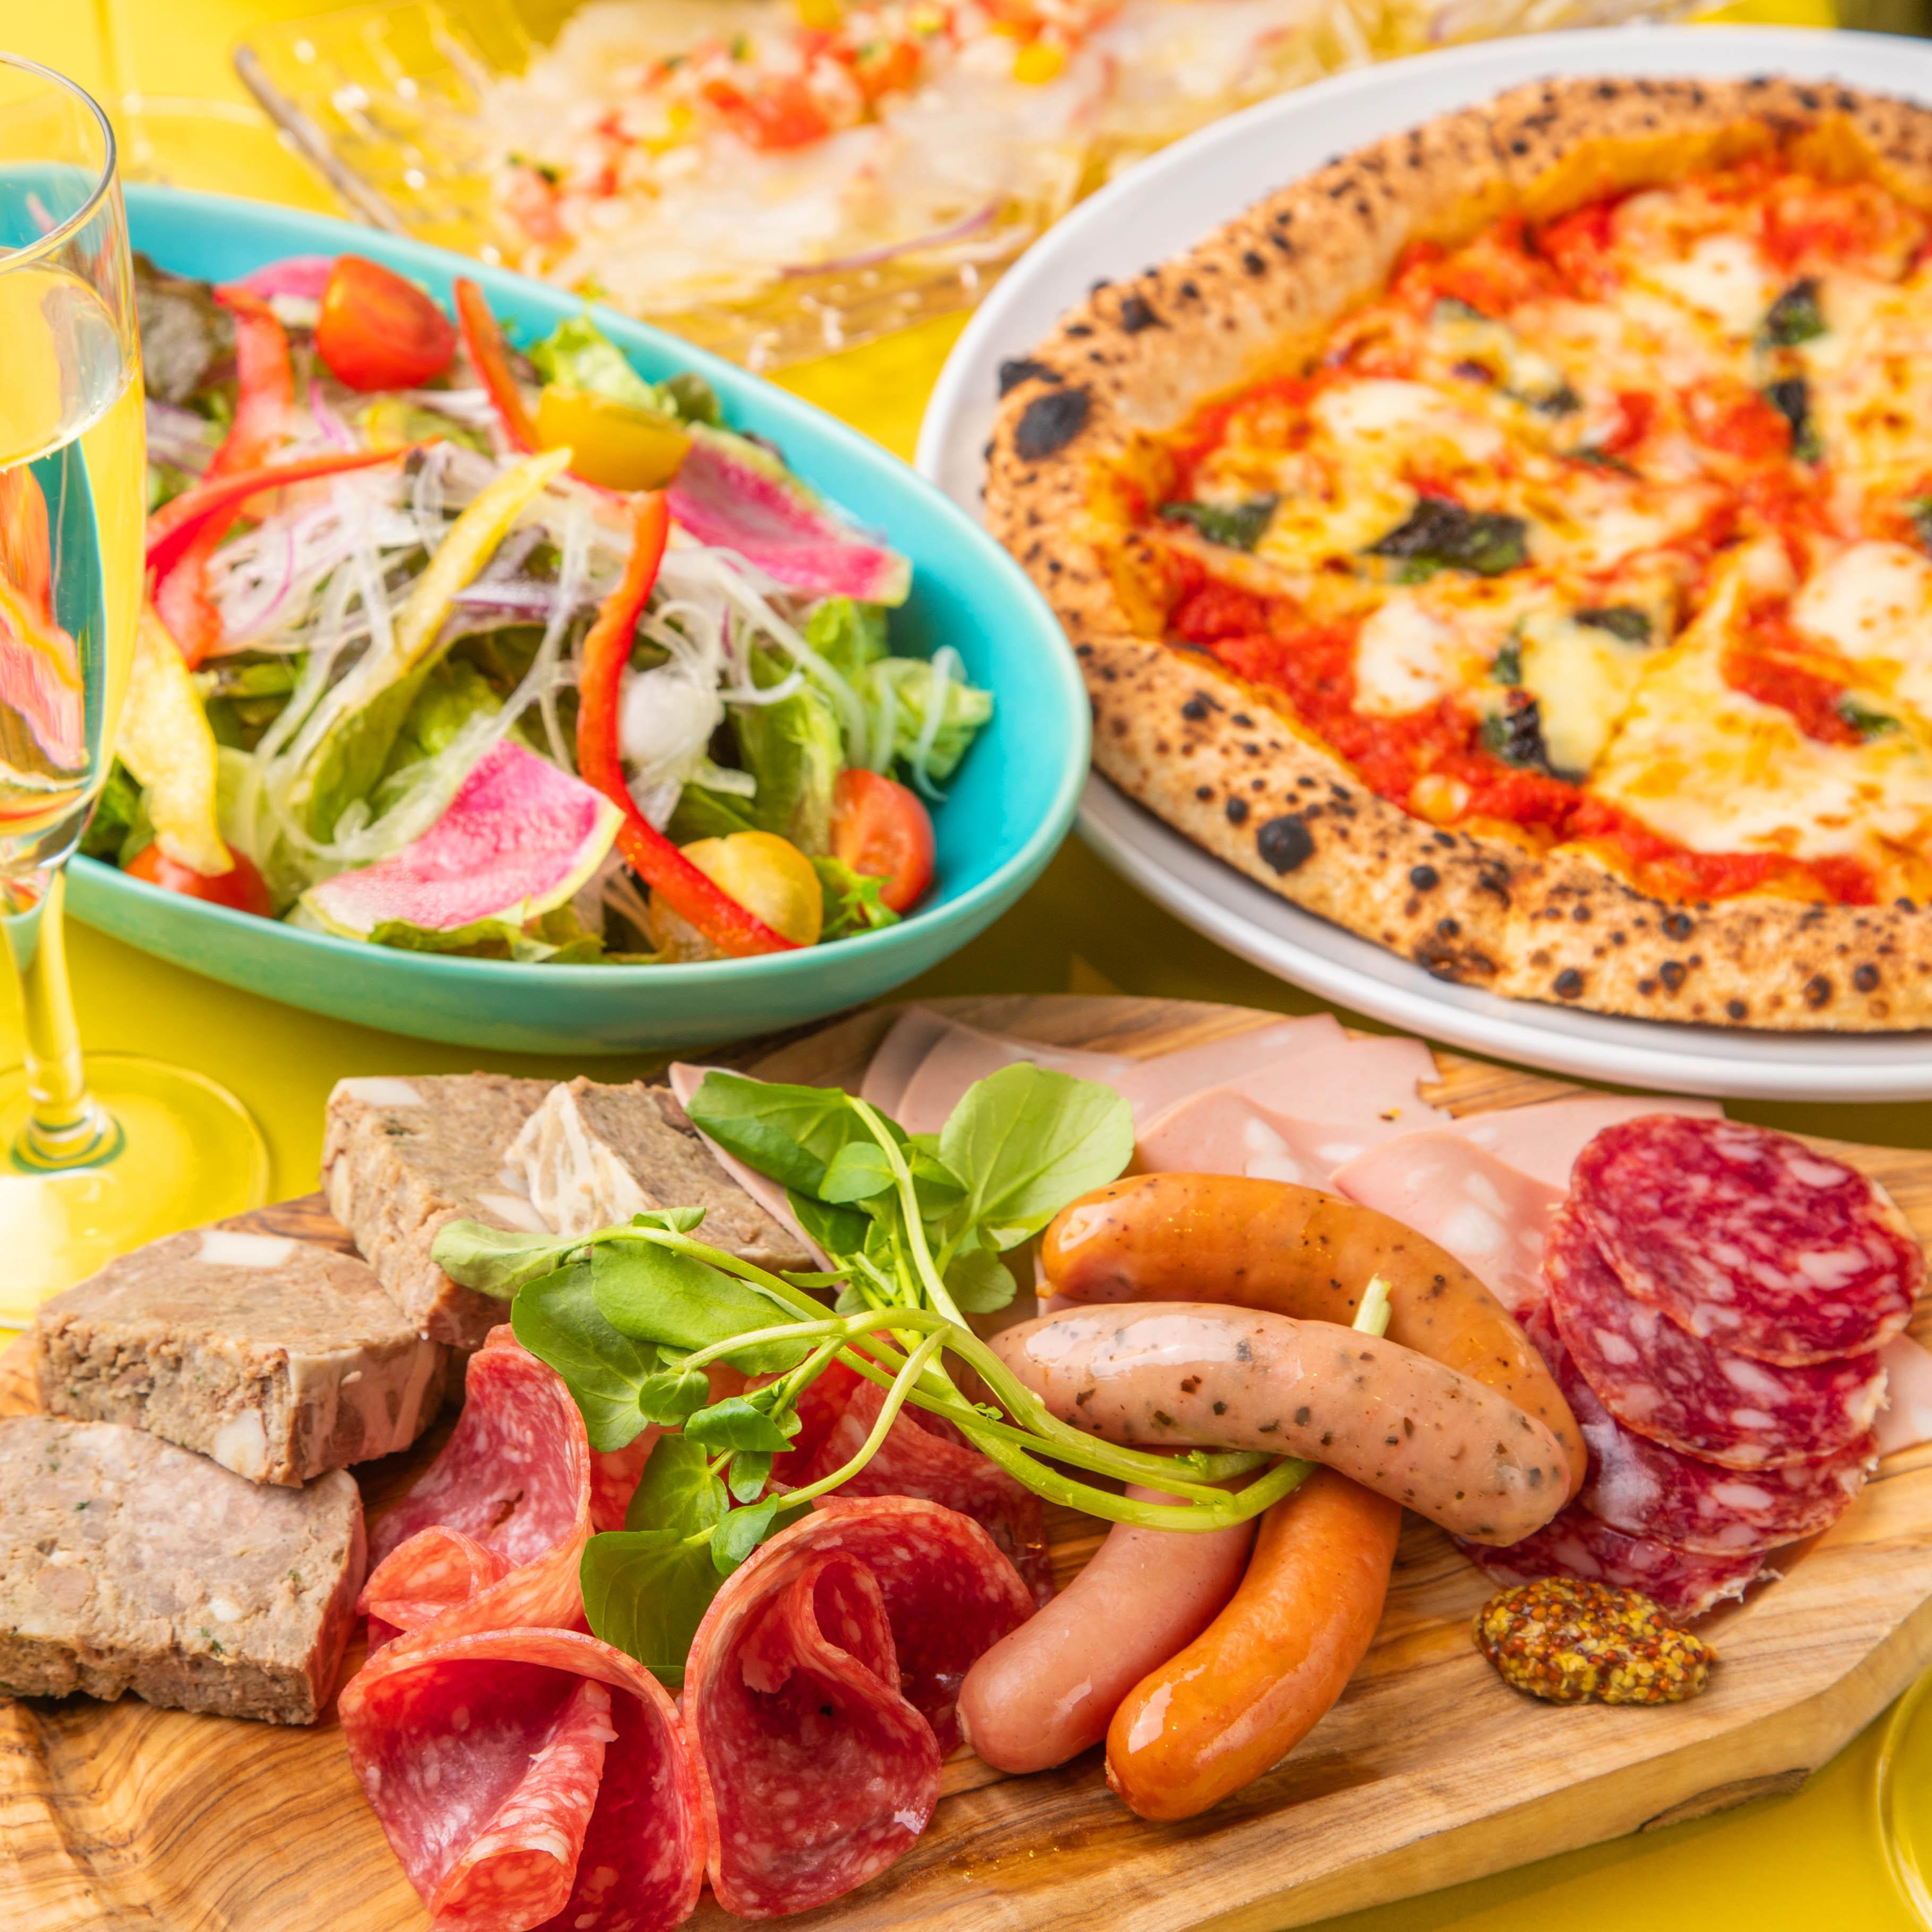 [お料理のみ] 【Pizza×骨付き鶏モモ】ドンコナスタンダードコース9品